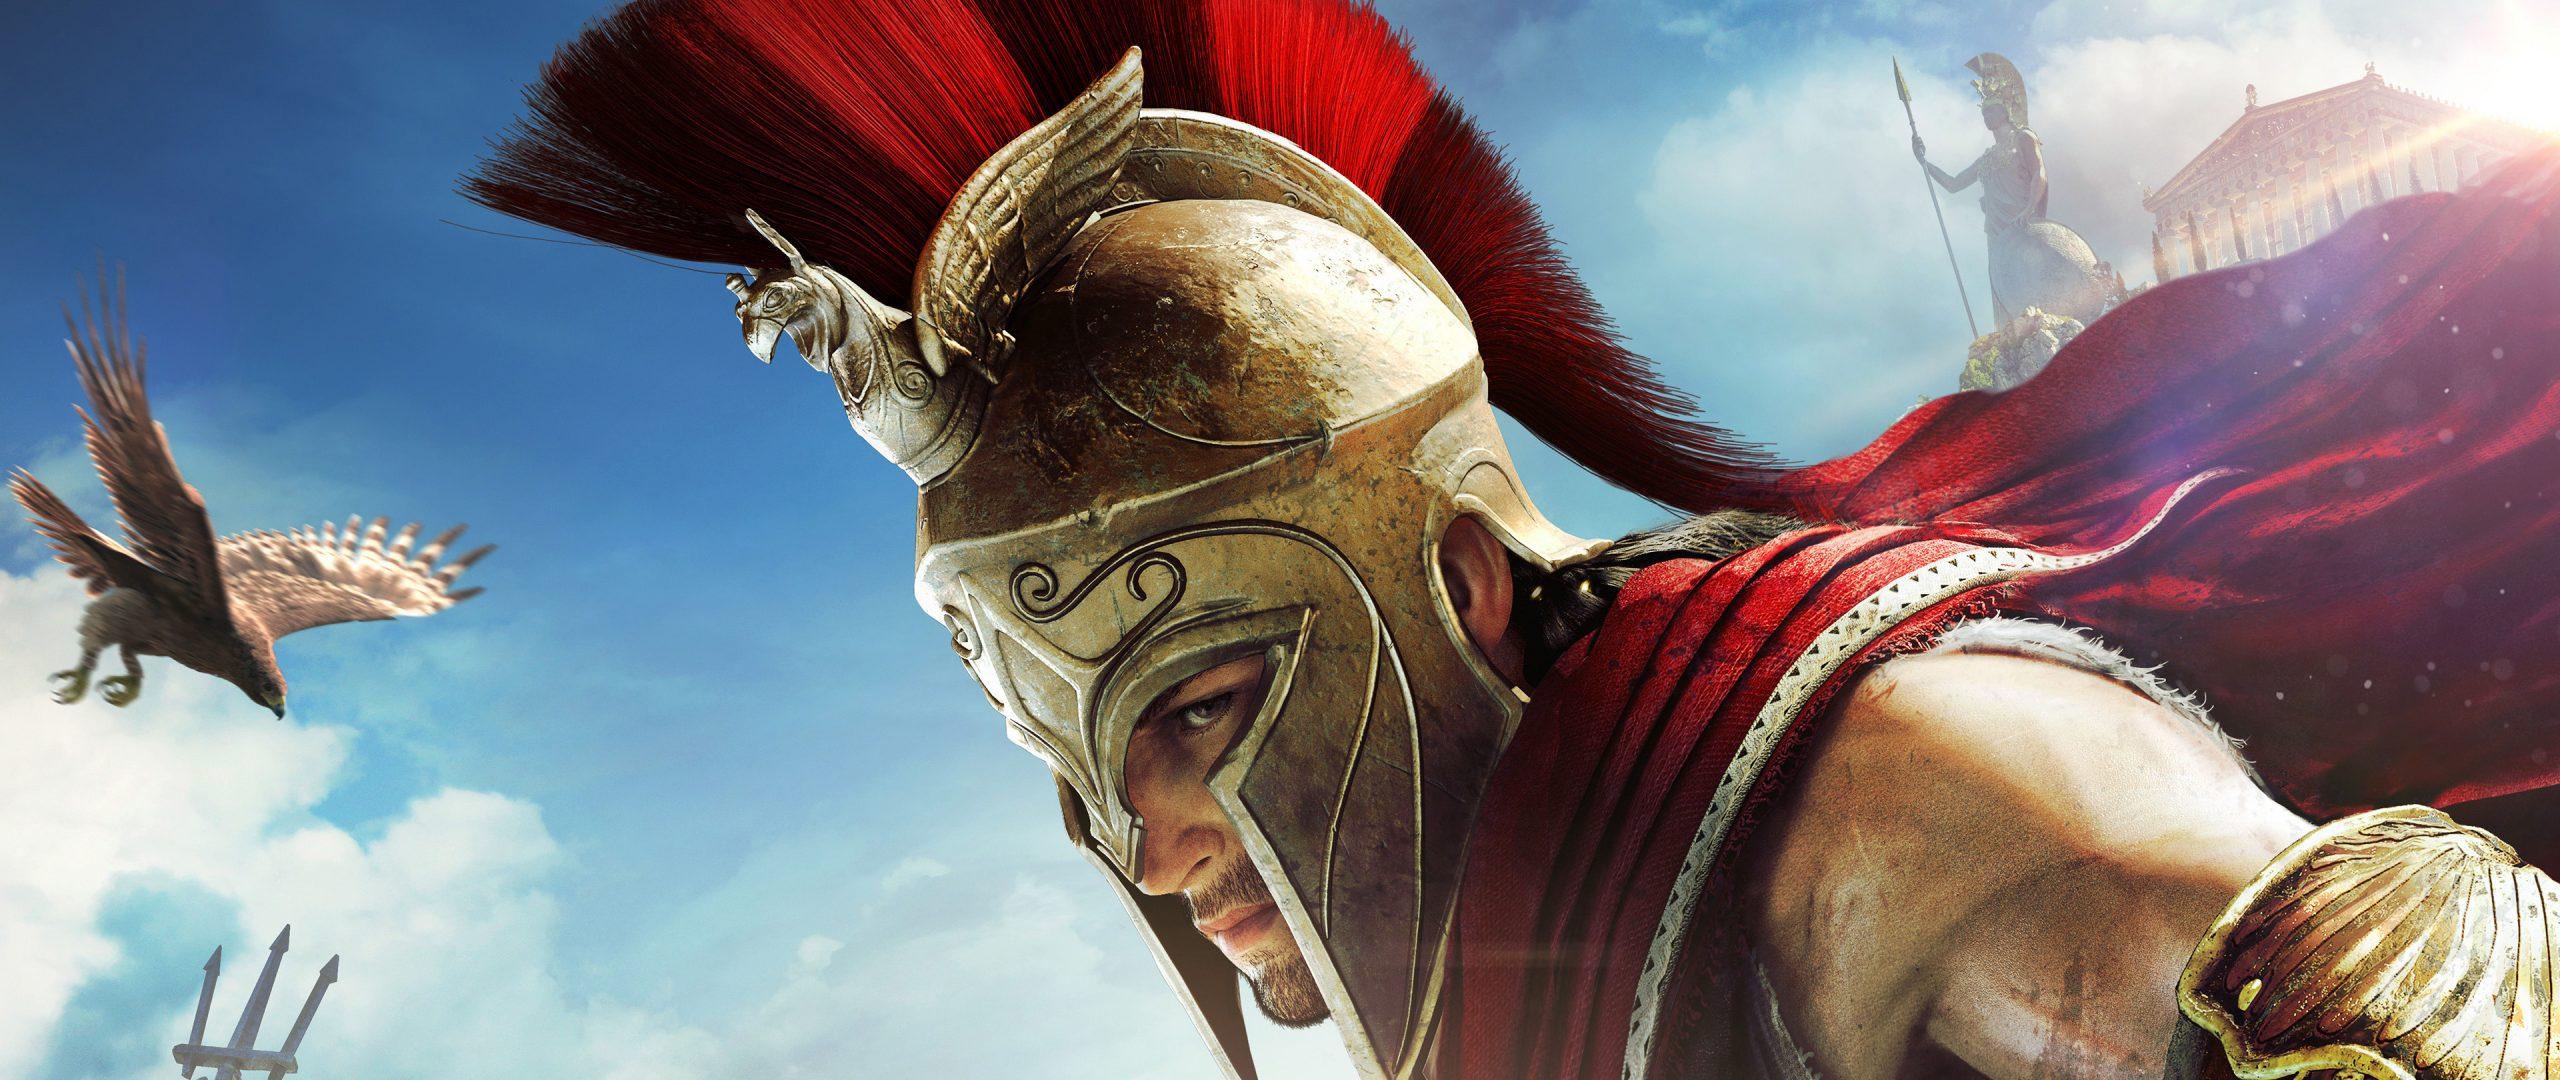 Assassins Creed Odyssey 2018 4k Wallpaper Best Wallpapers